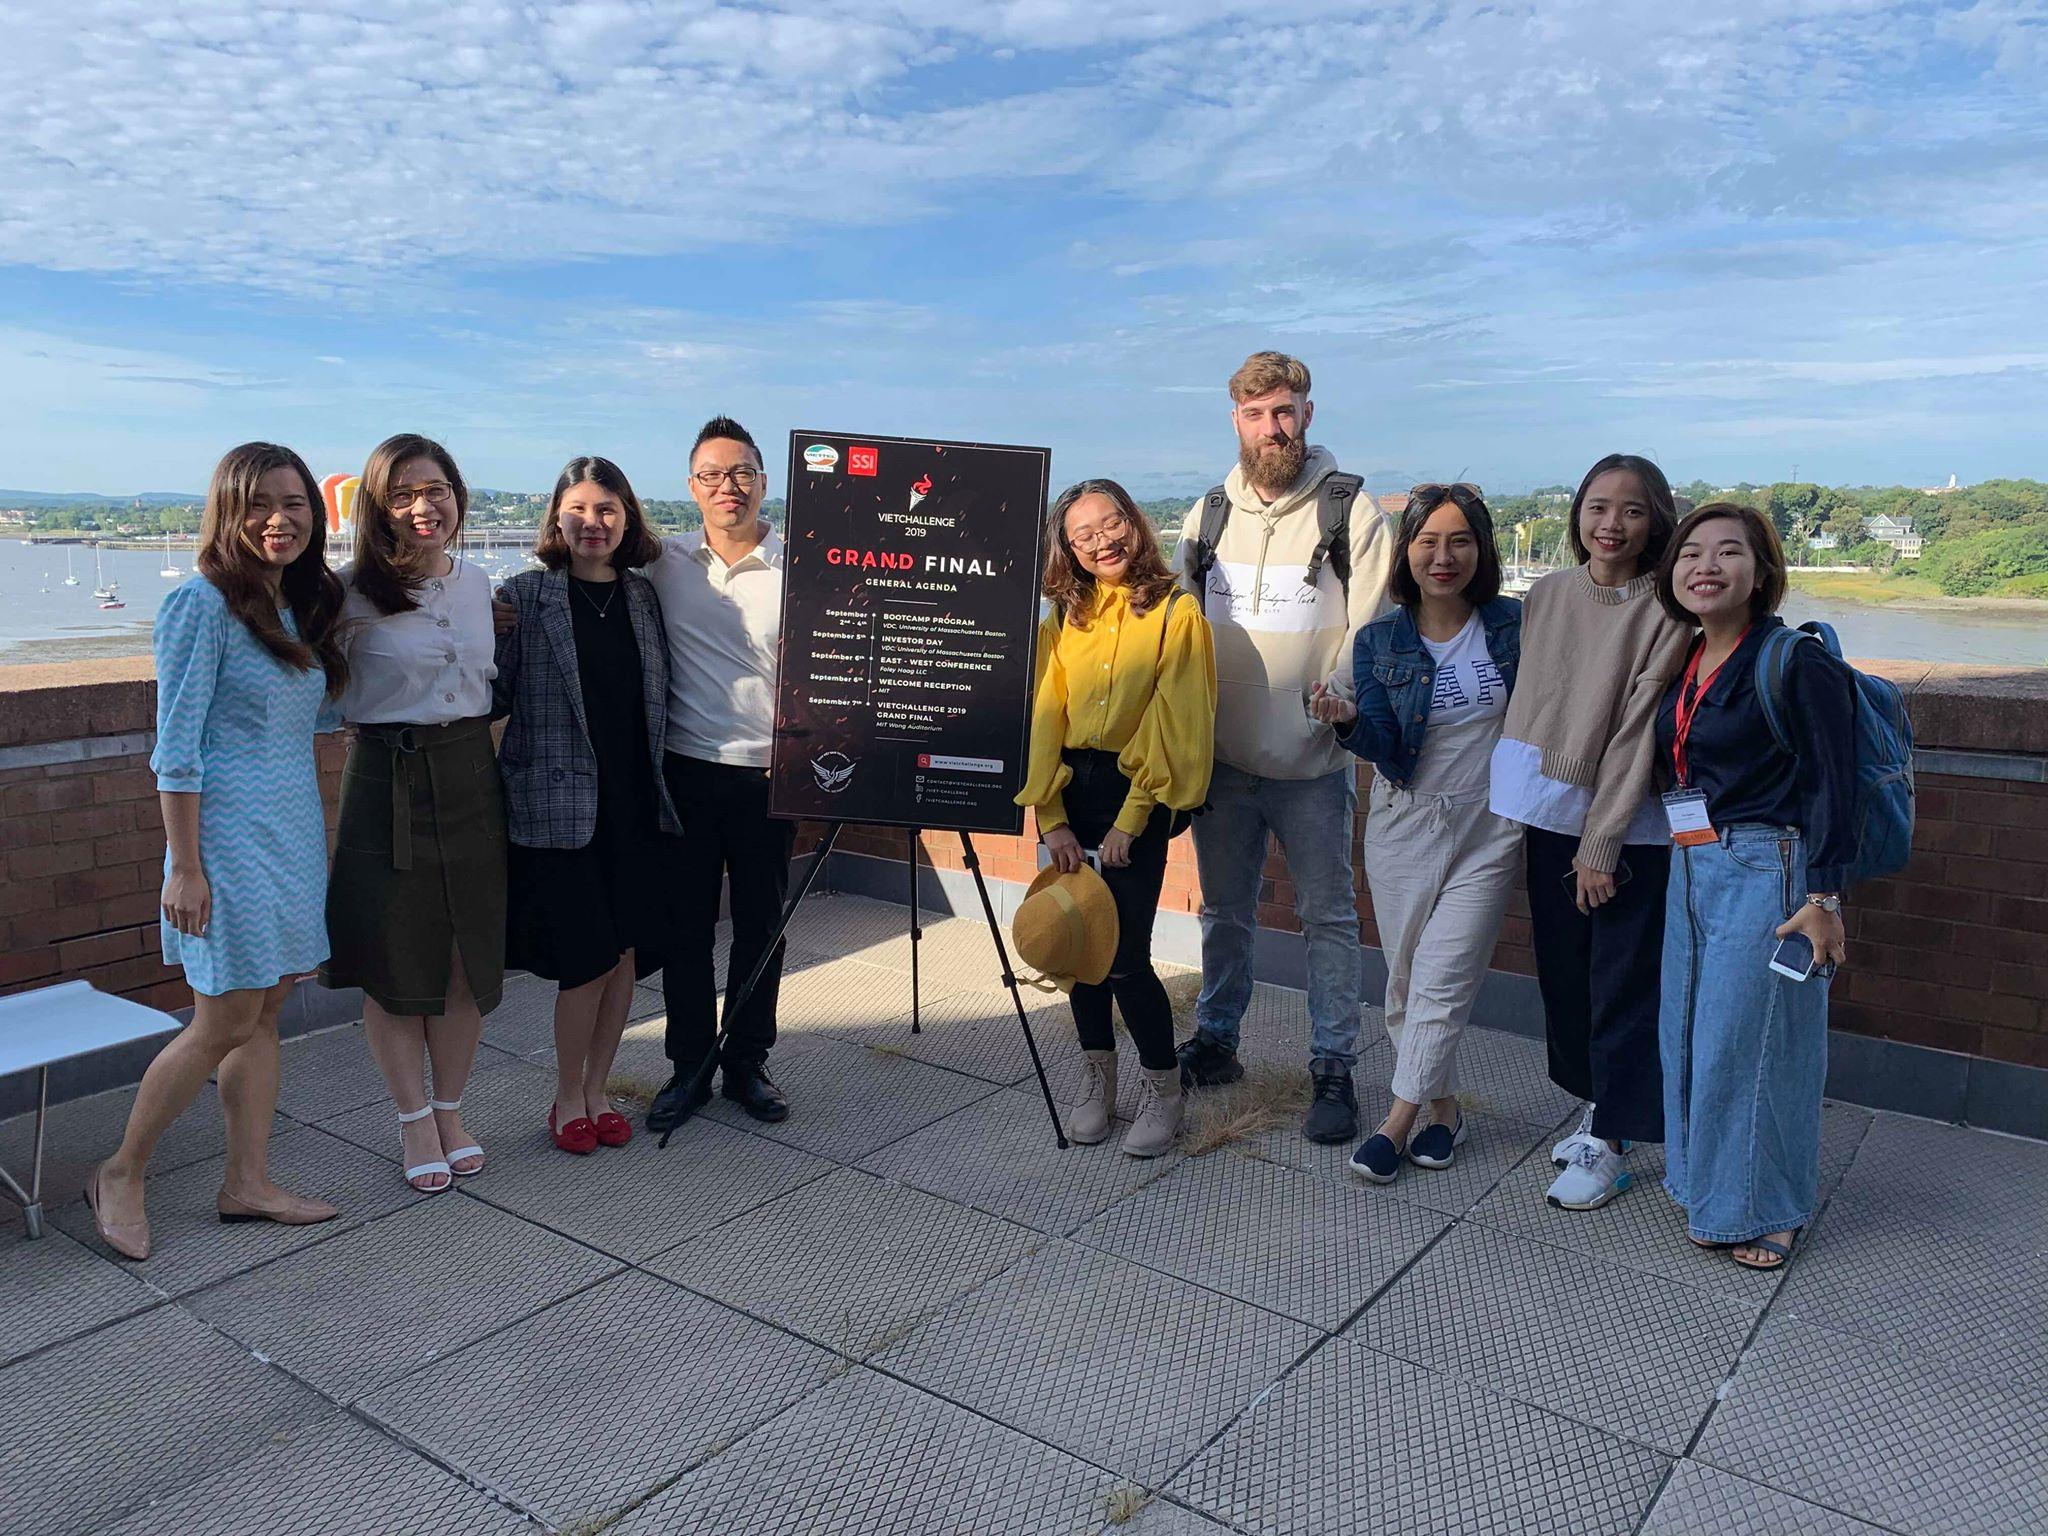 9 đội vào chung kết cuộc thi khởi nghiệp dành cho người Việt toàn cầu - VietChallenge 2019